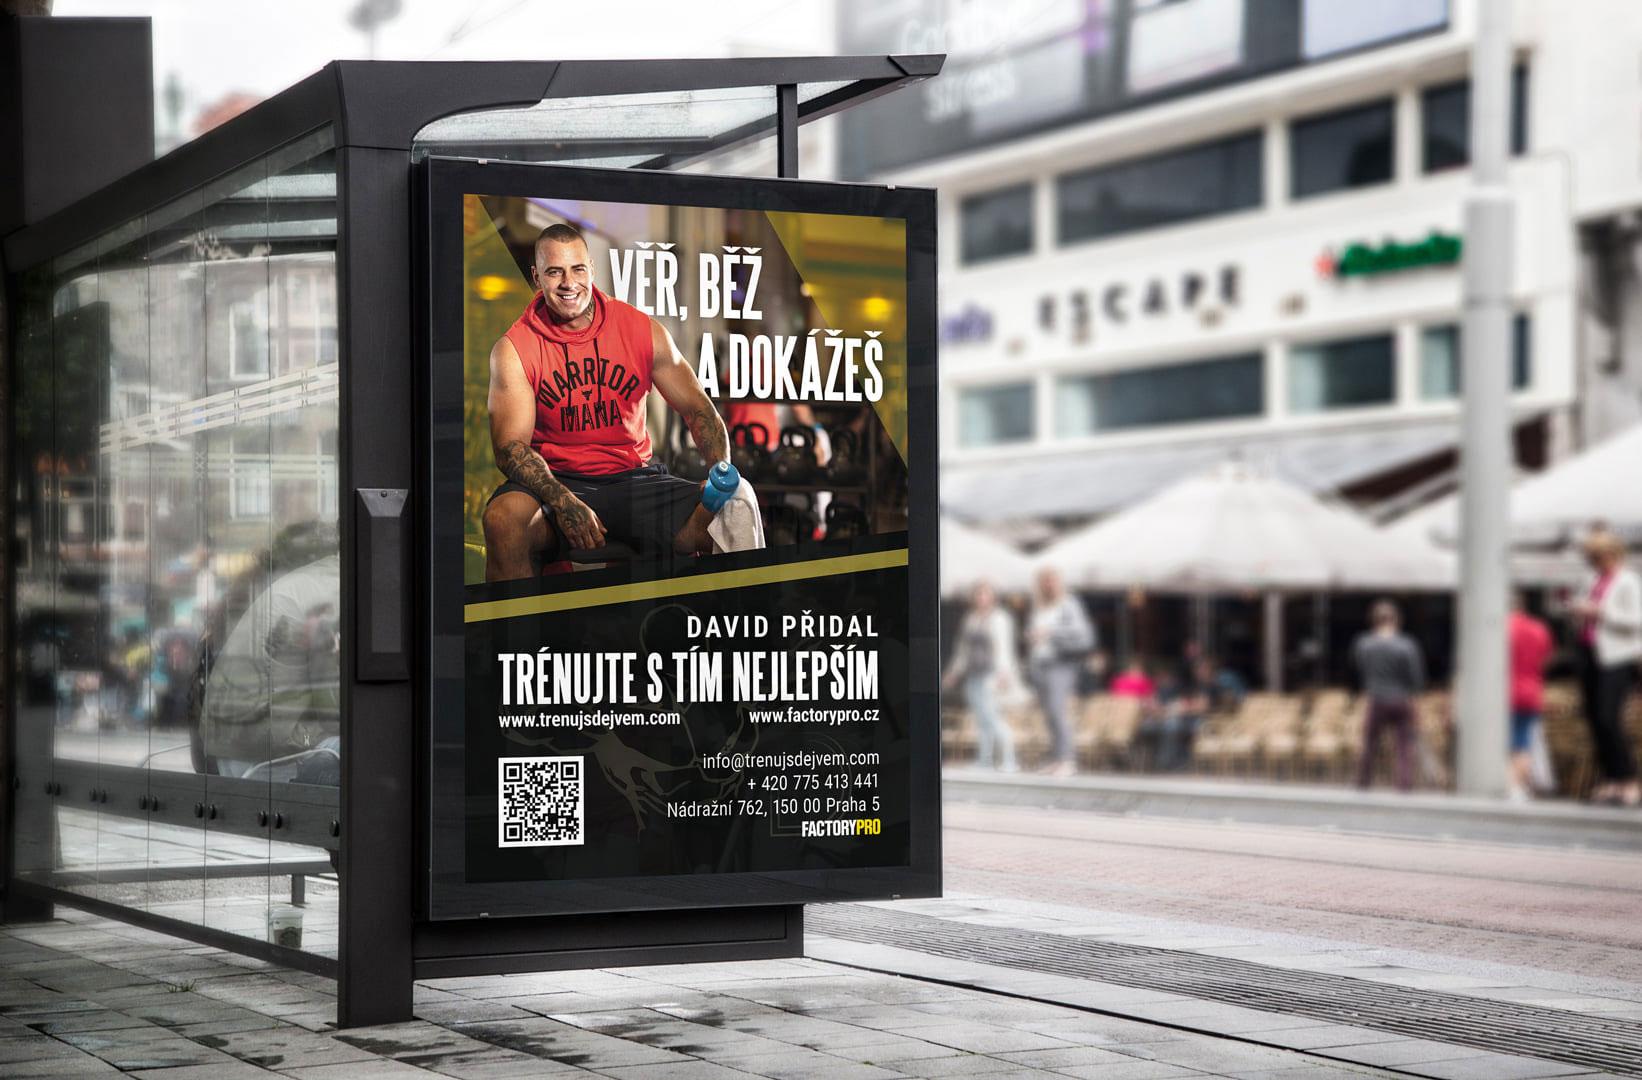 Citylight reklama osobního trenéra